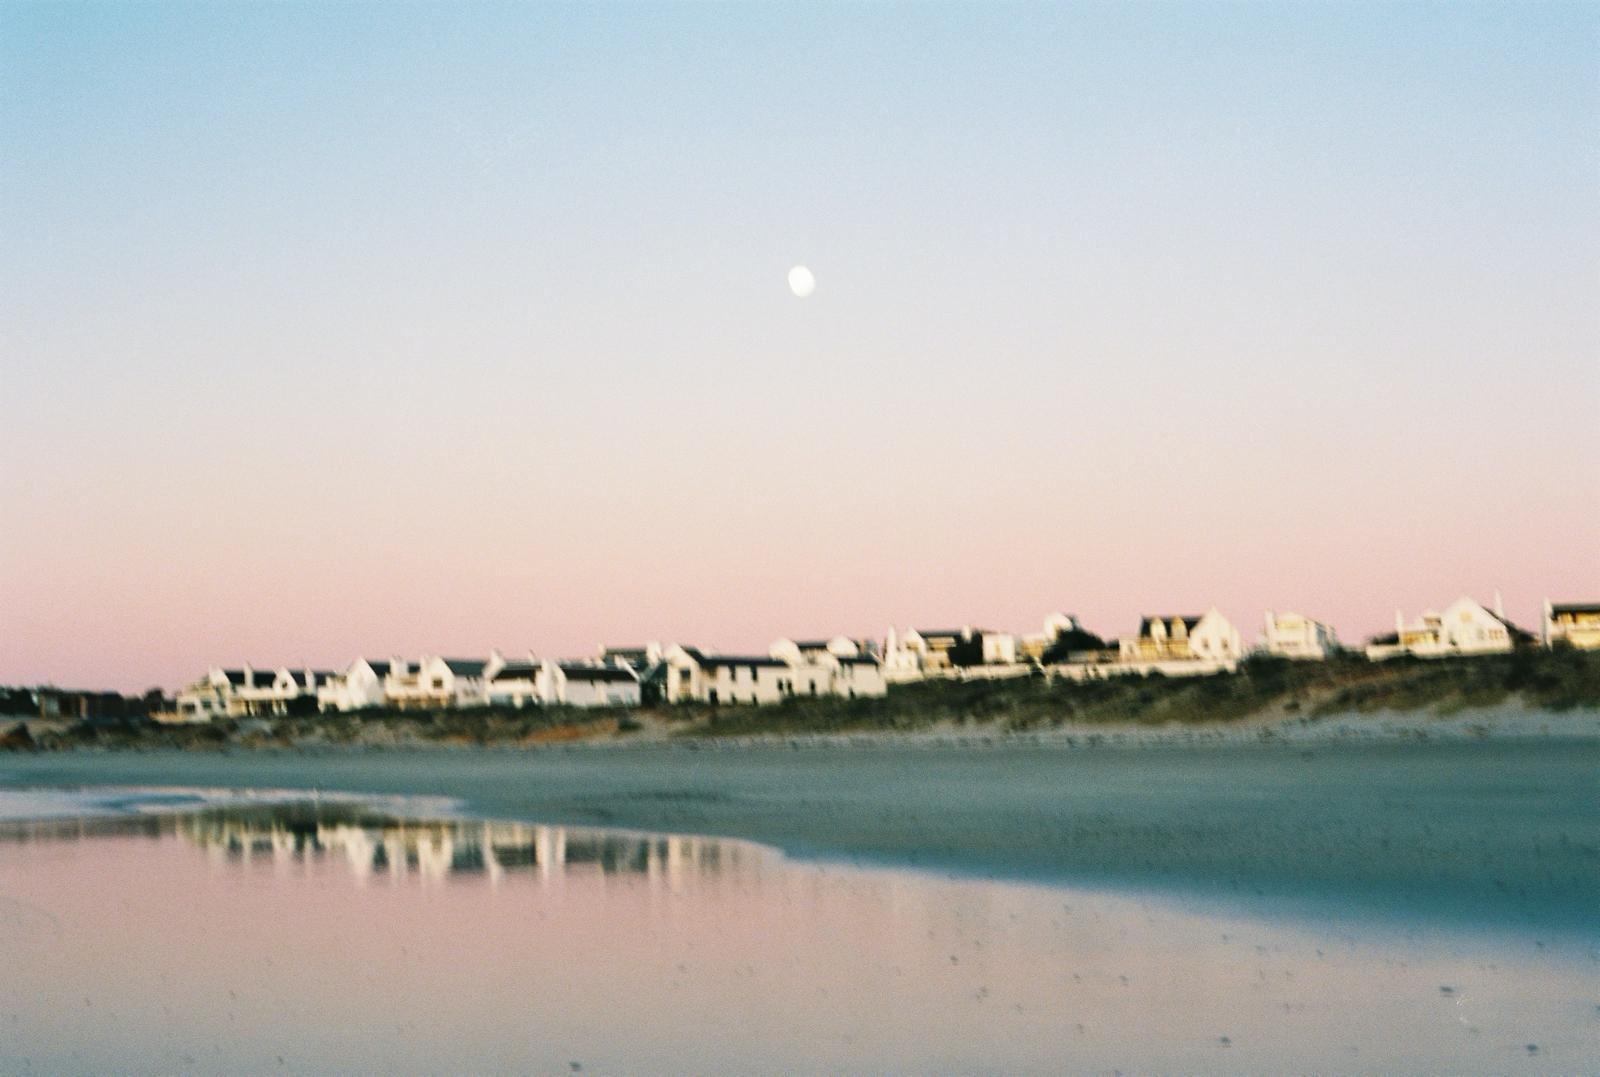 Water Works 7 - Paternoster Beach 4